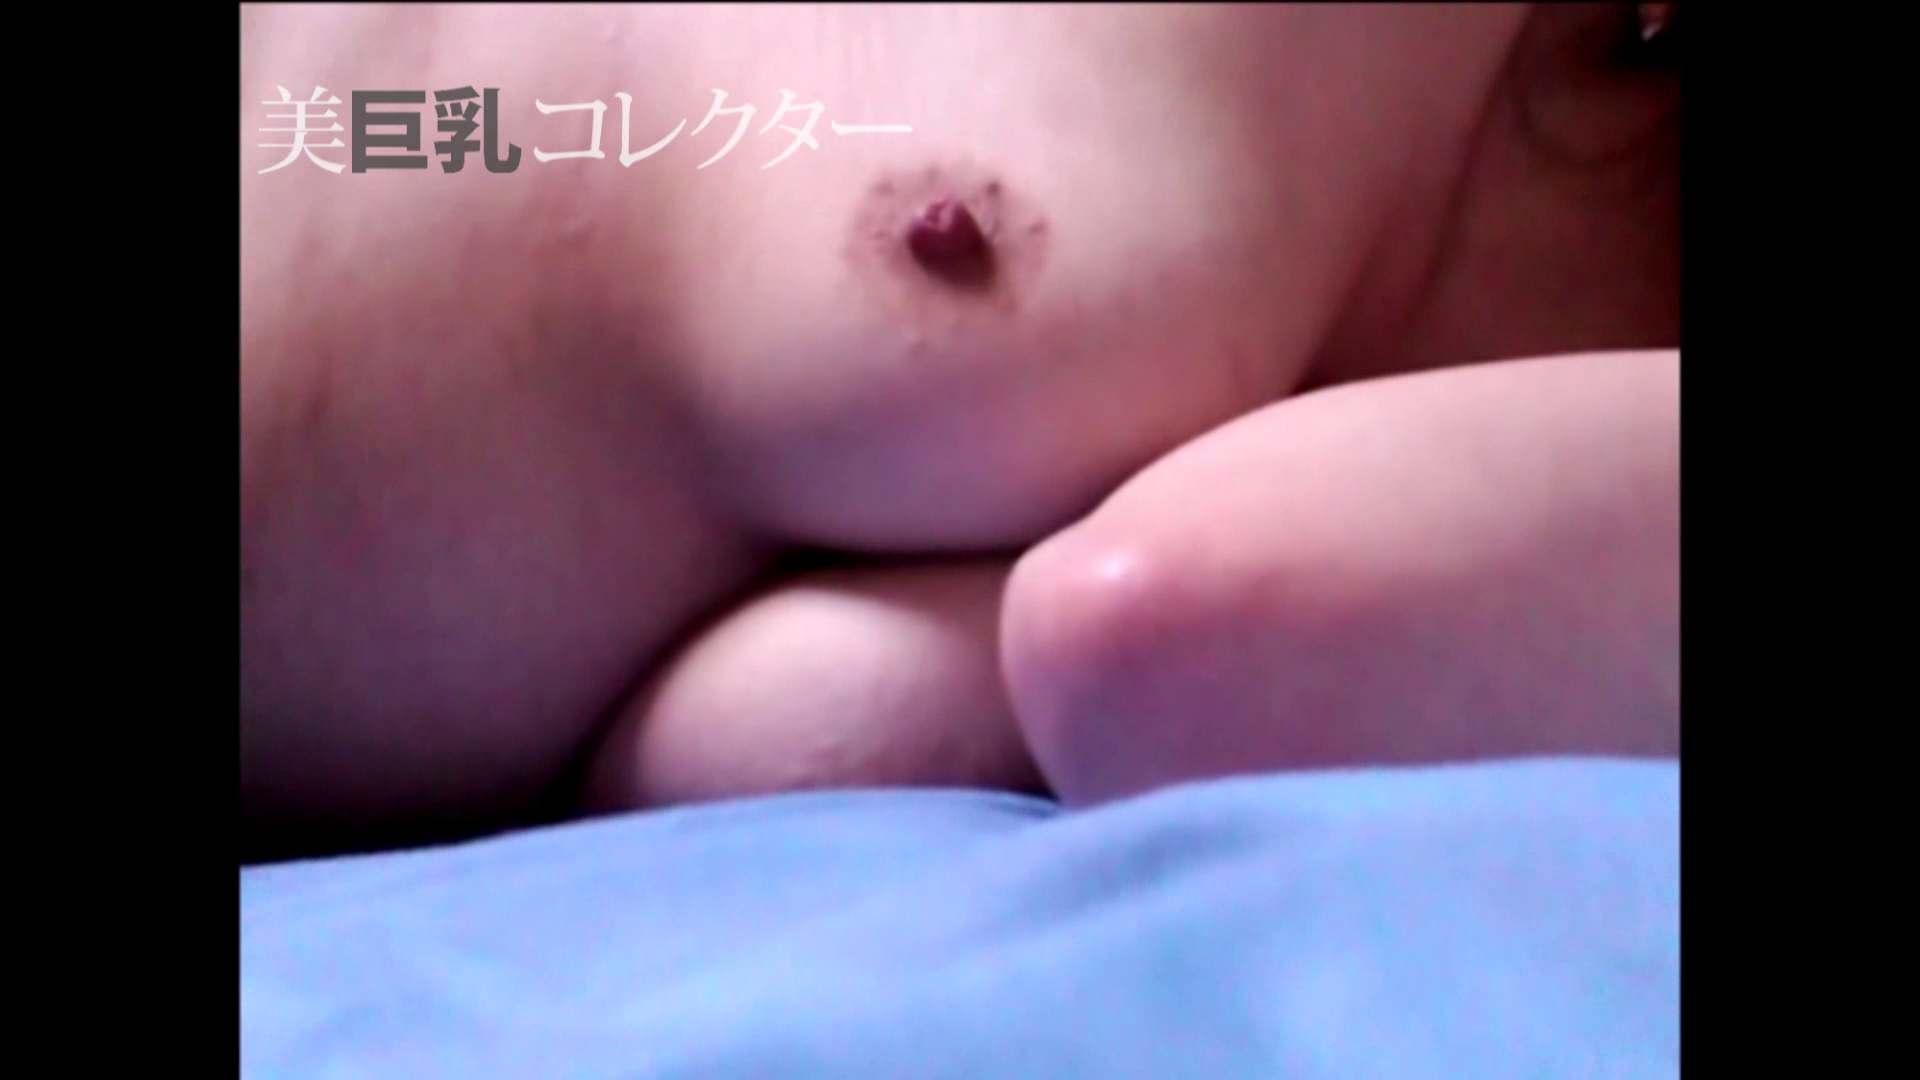 泥酔スレンダー巨乳美女3 一般投稿 すけべAV動画紹介 106枚 11